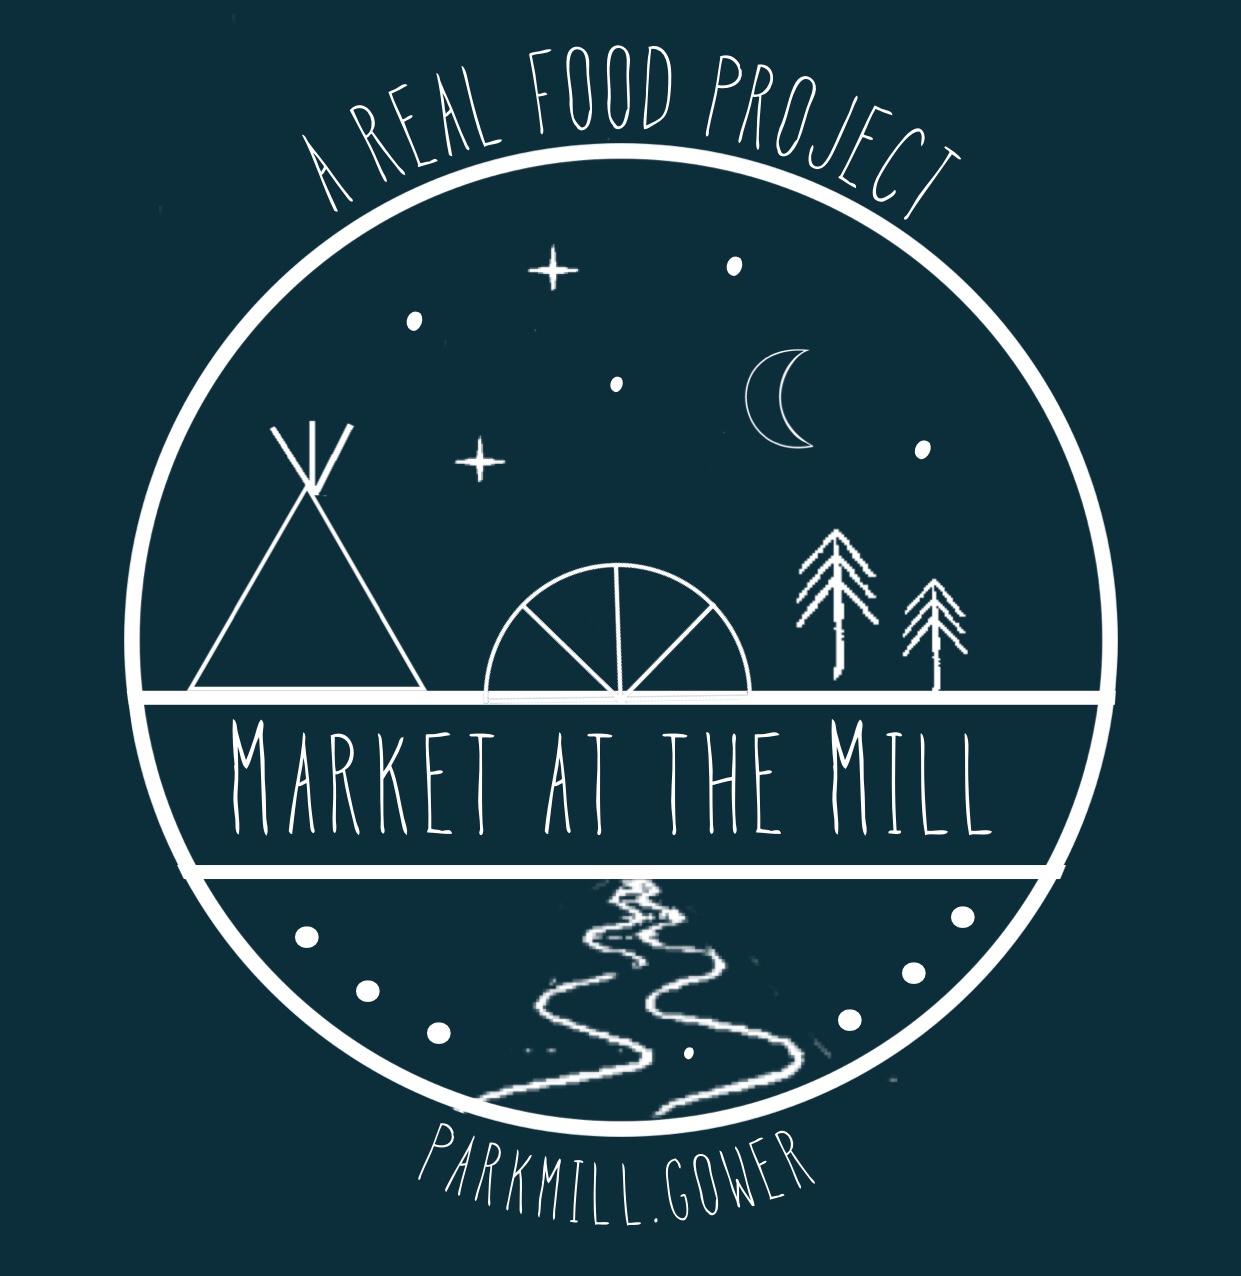 Market at the Mill.jpg